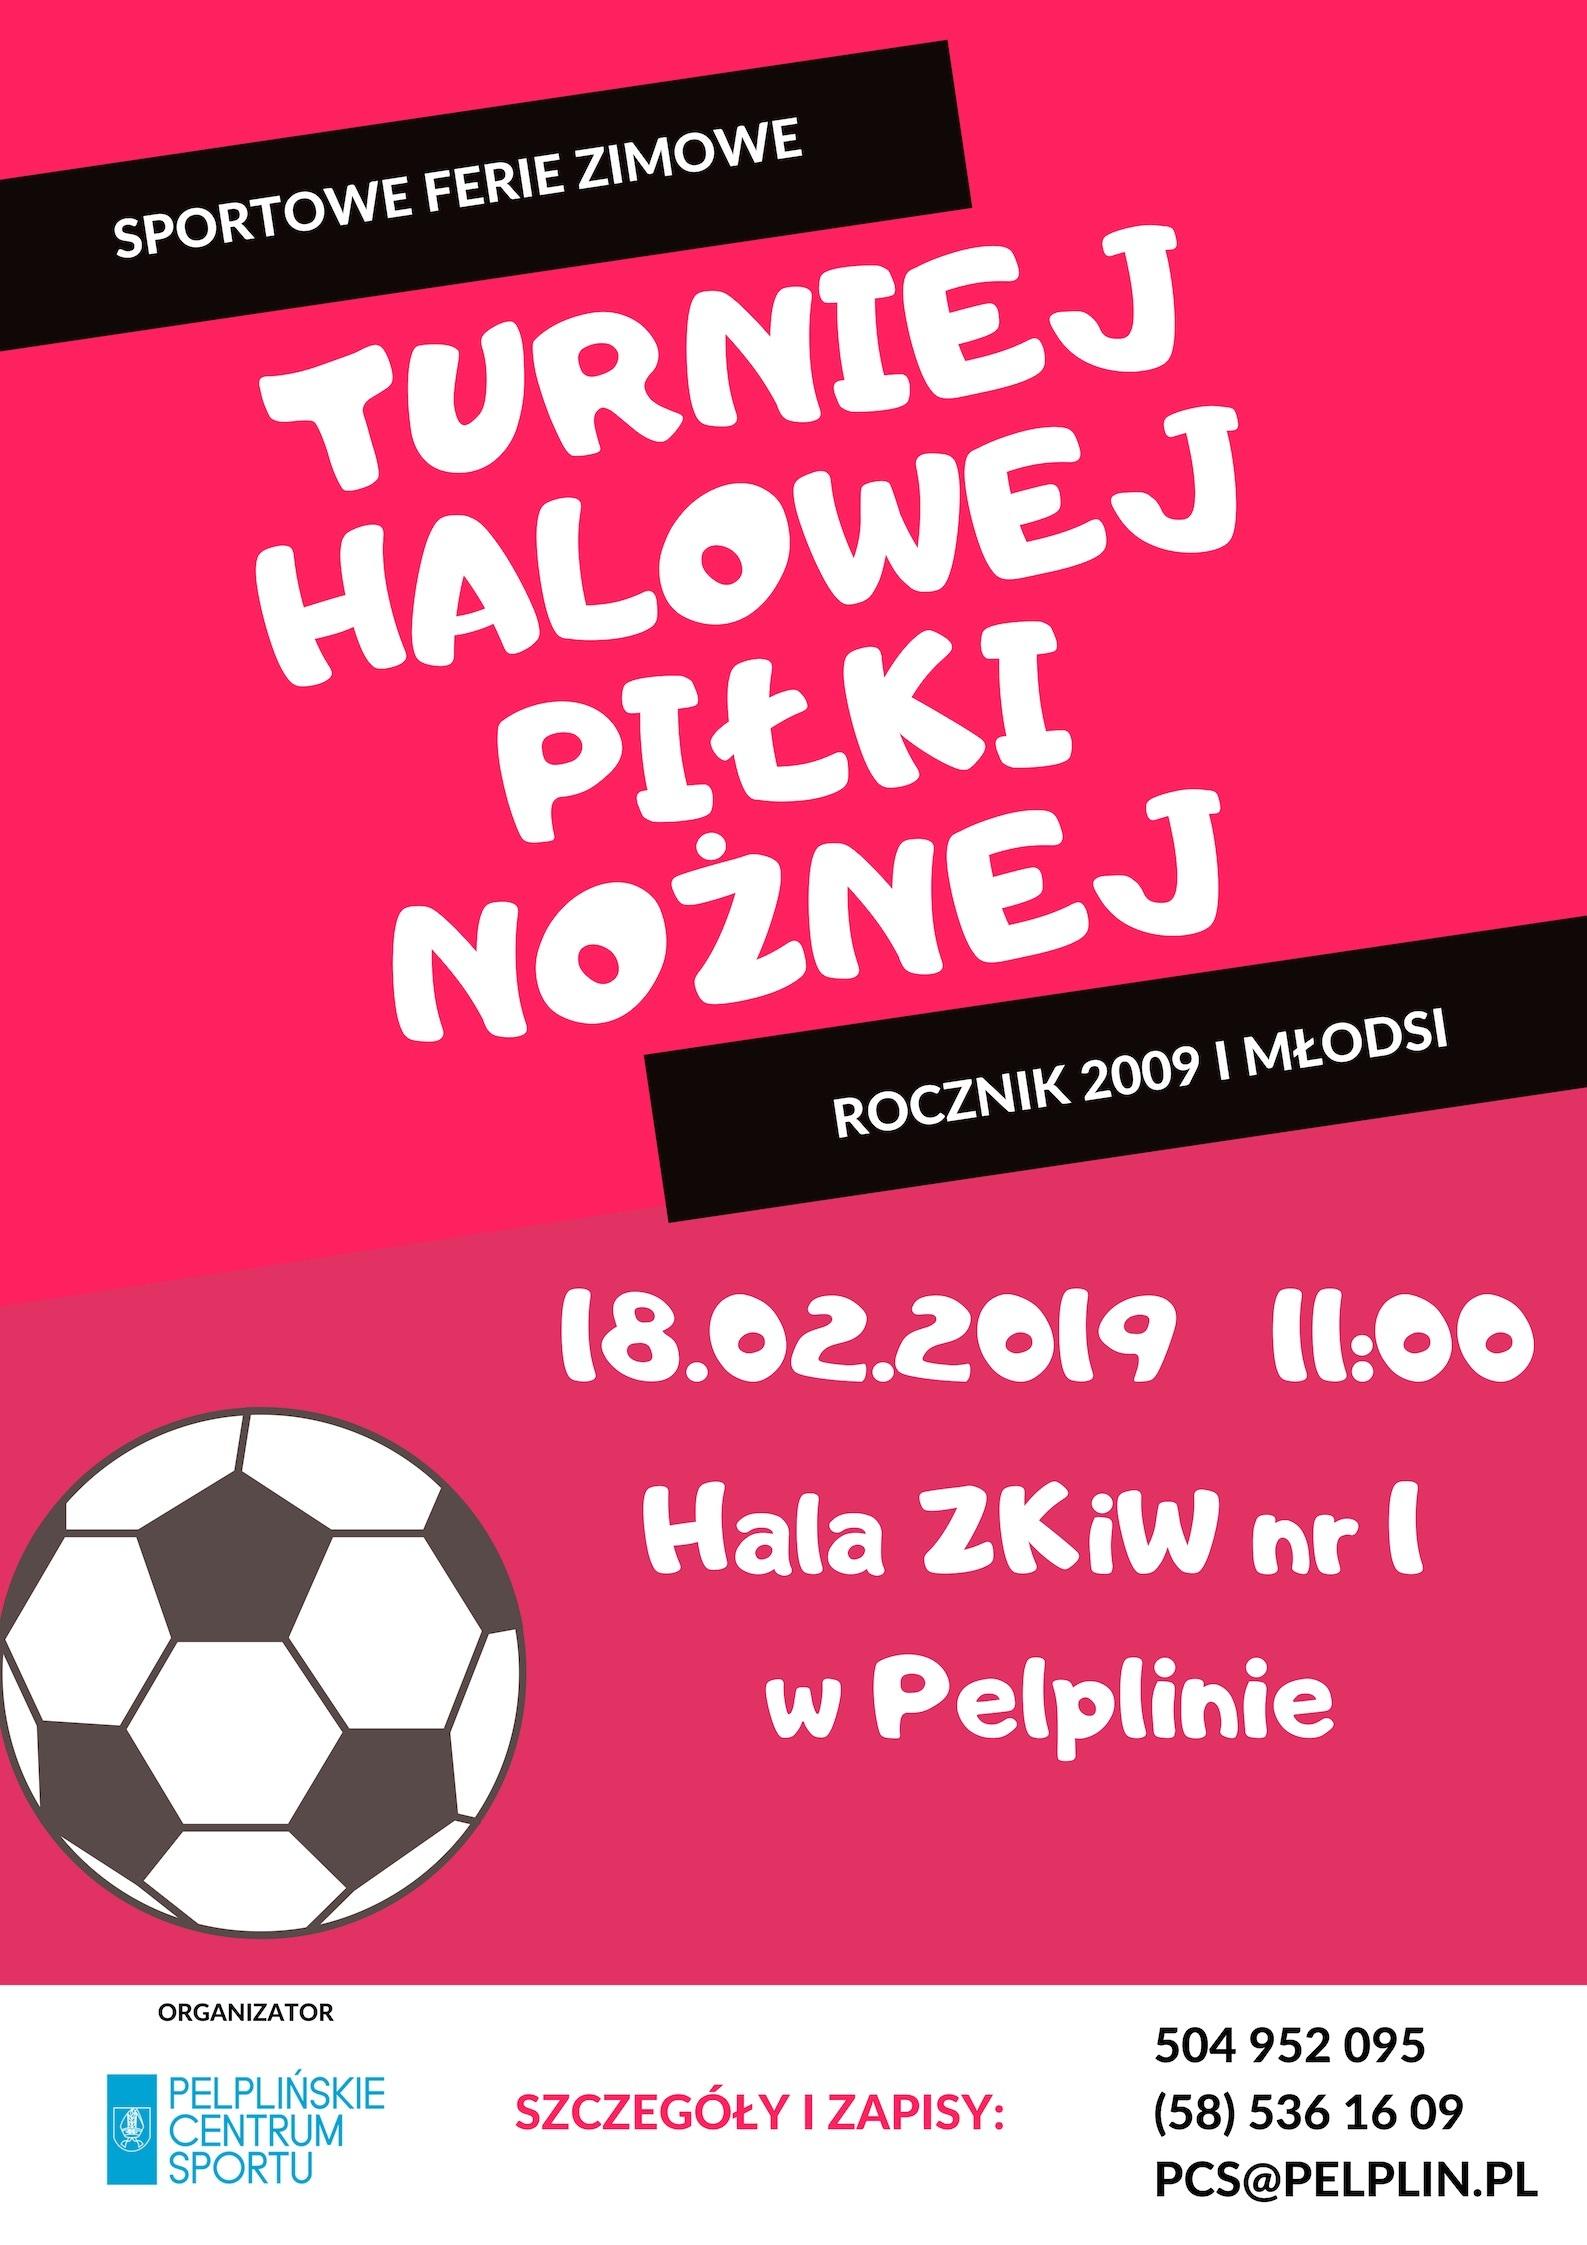 510e3b394 Tczew - Turniej Halowej Piłki Nożnej (rocznik 2009 i młodsi ...